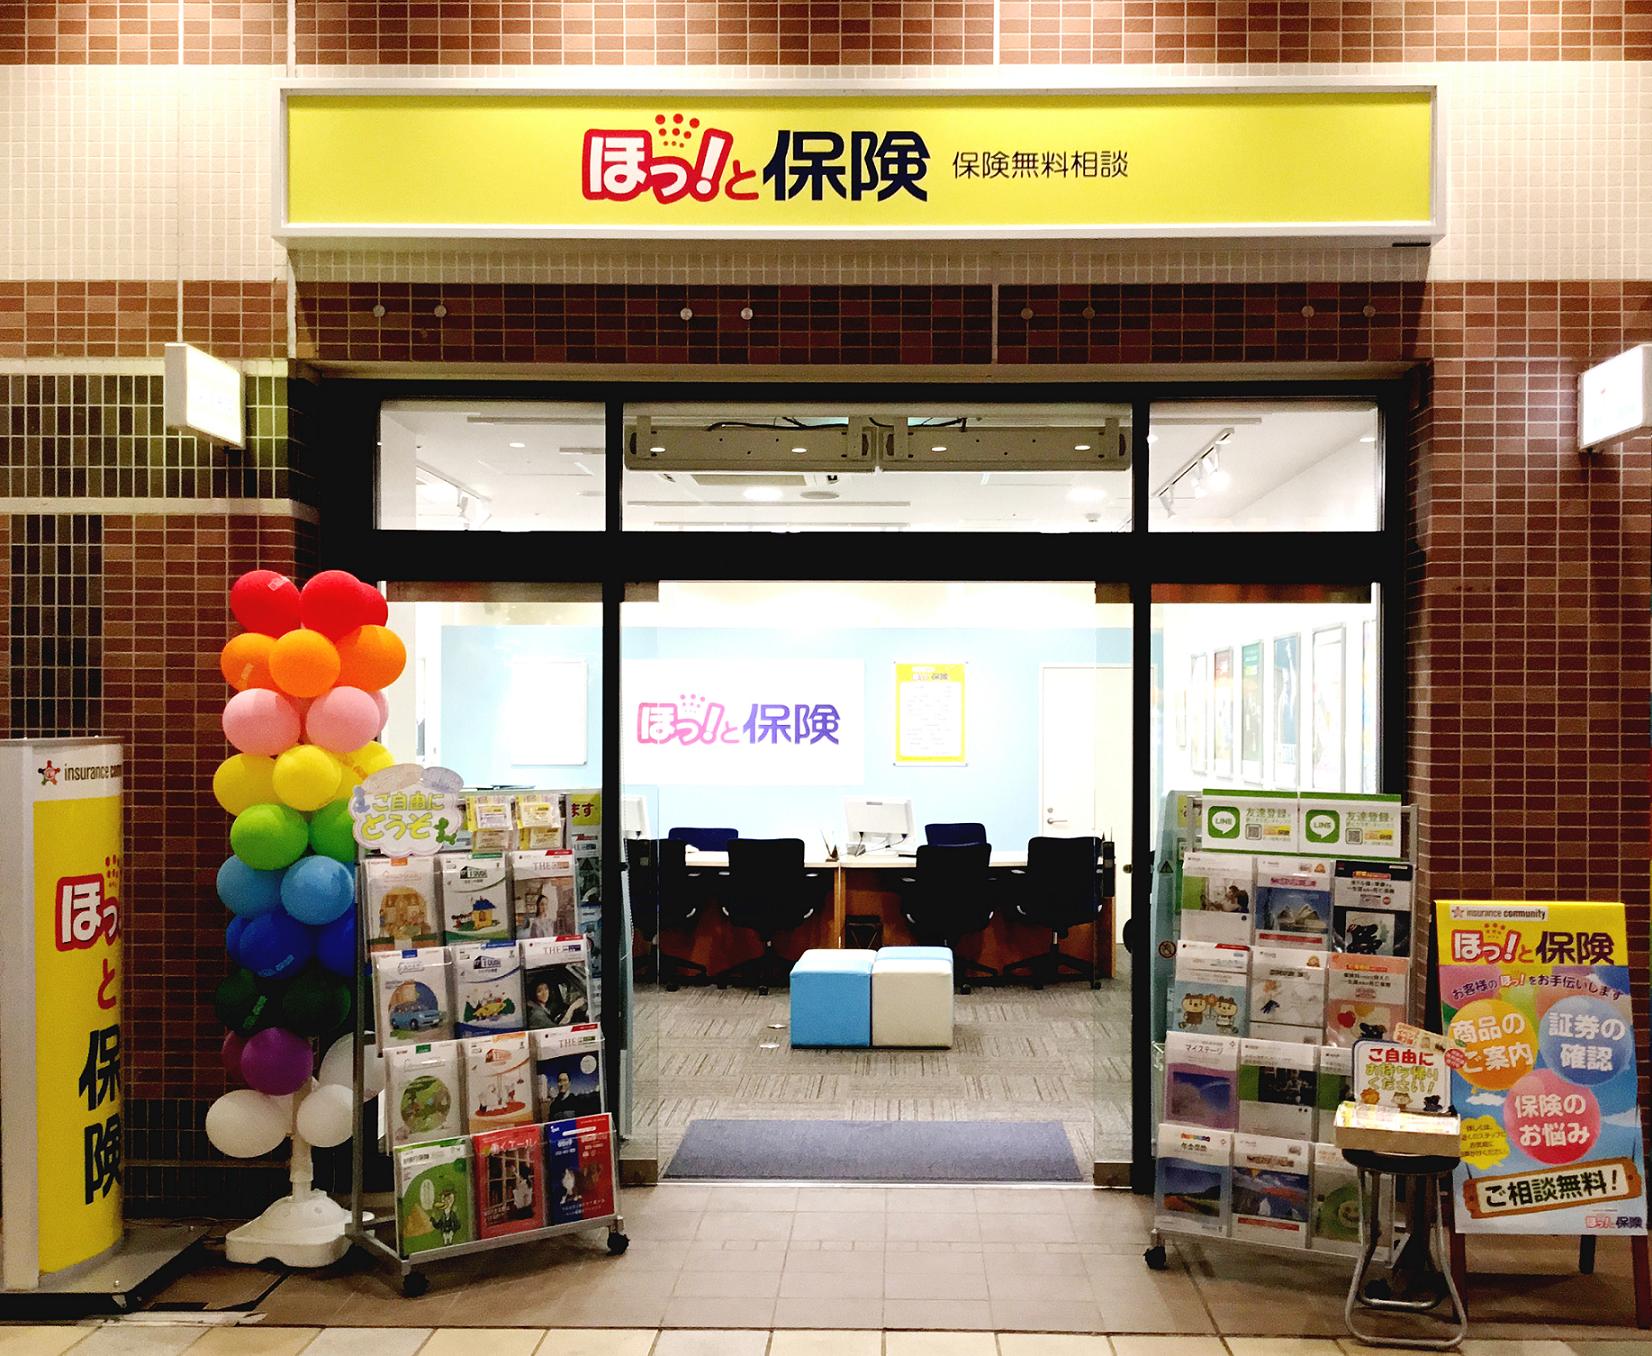 ほっ!と保険 ボーノ相模大野店(6月1日オープン)